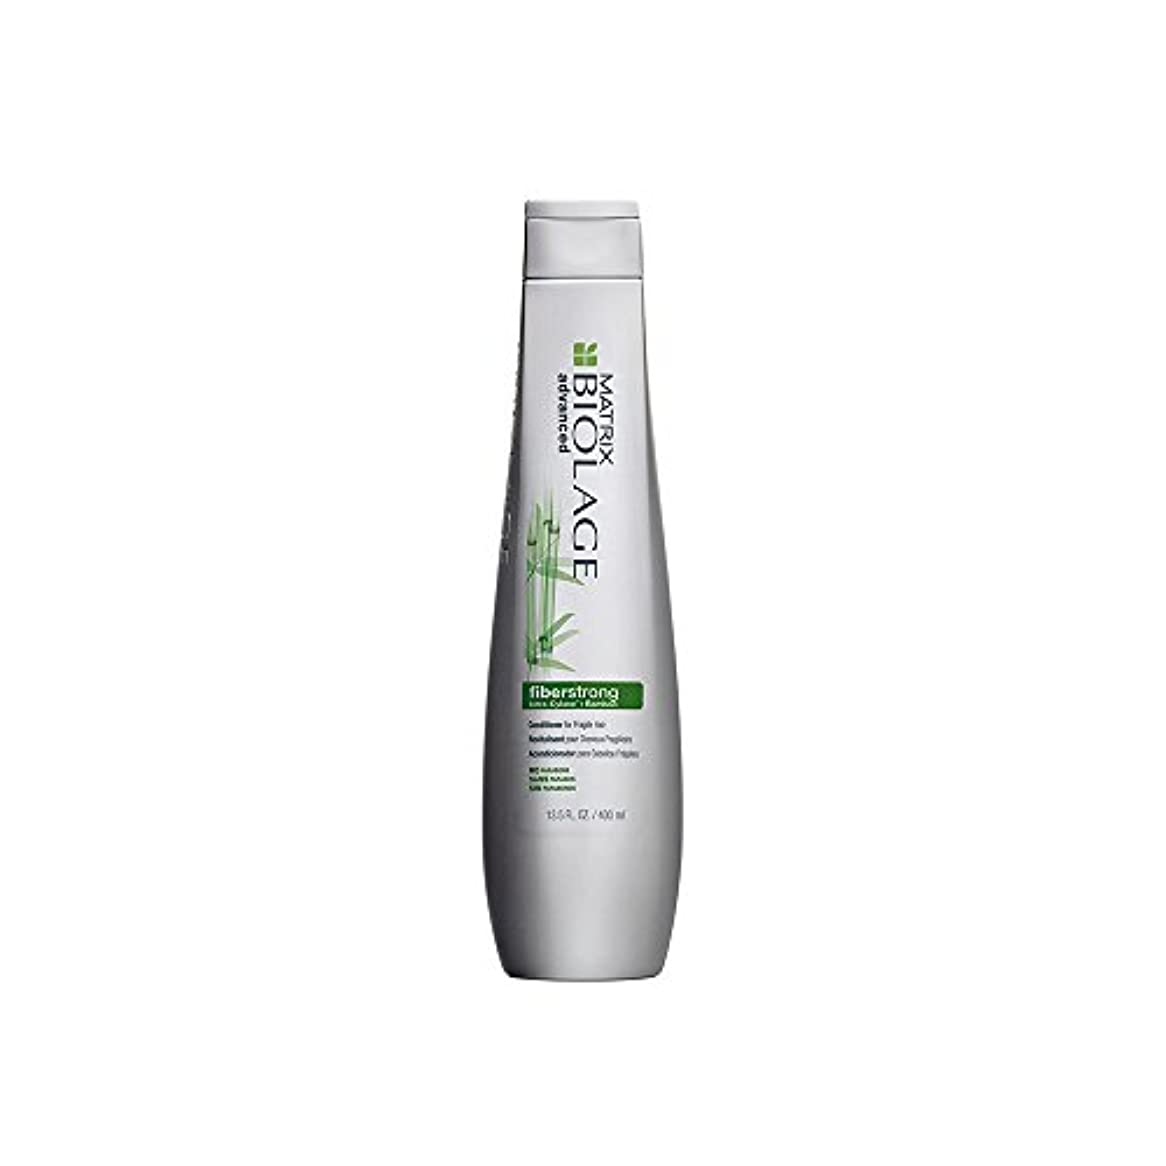 分析的なそんなにスローガンマトリックス Biolage Advanced FiberStrong Conditioner (For Fragile Hair) 1732272 400ml [海外直送品]